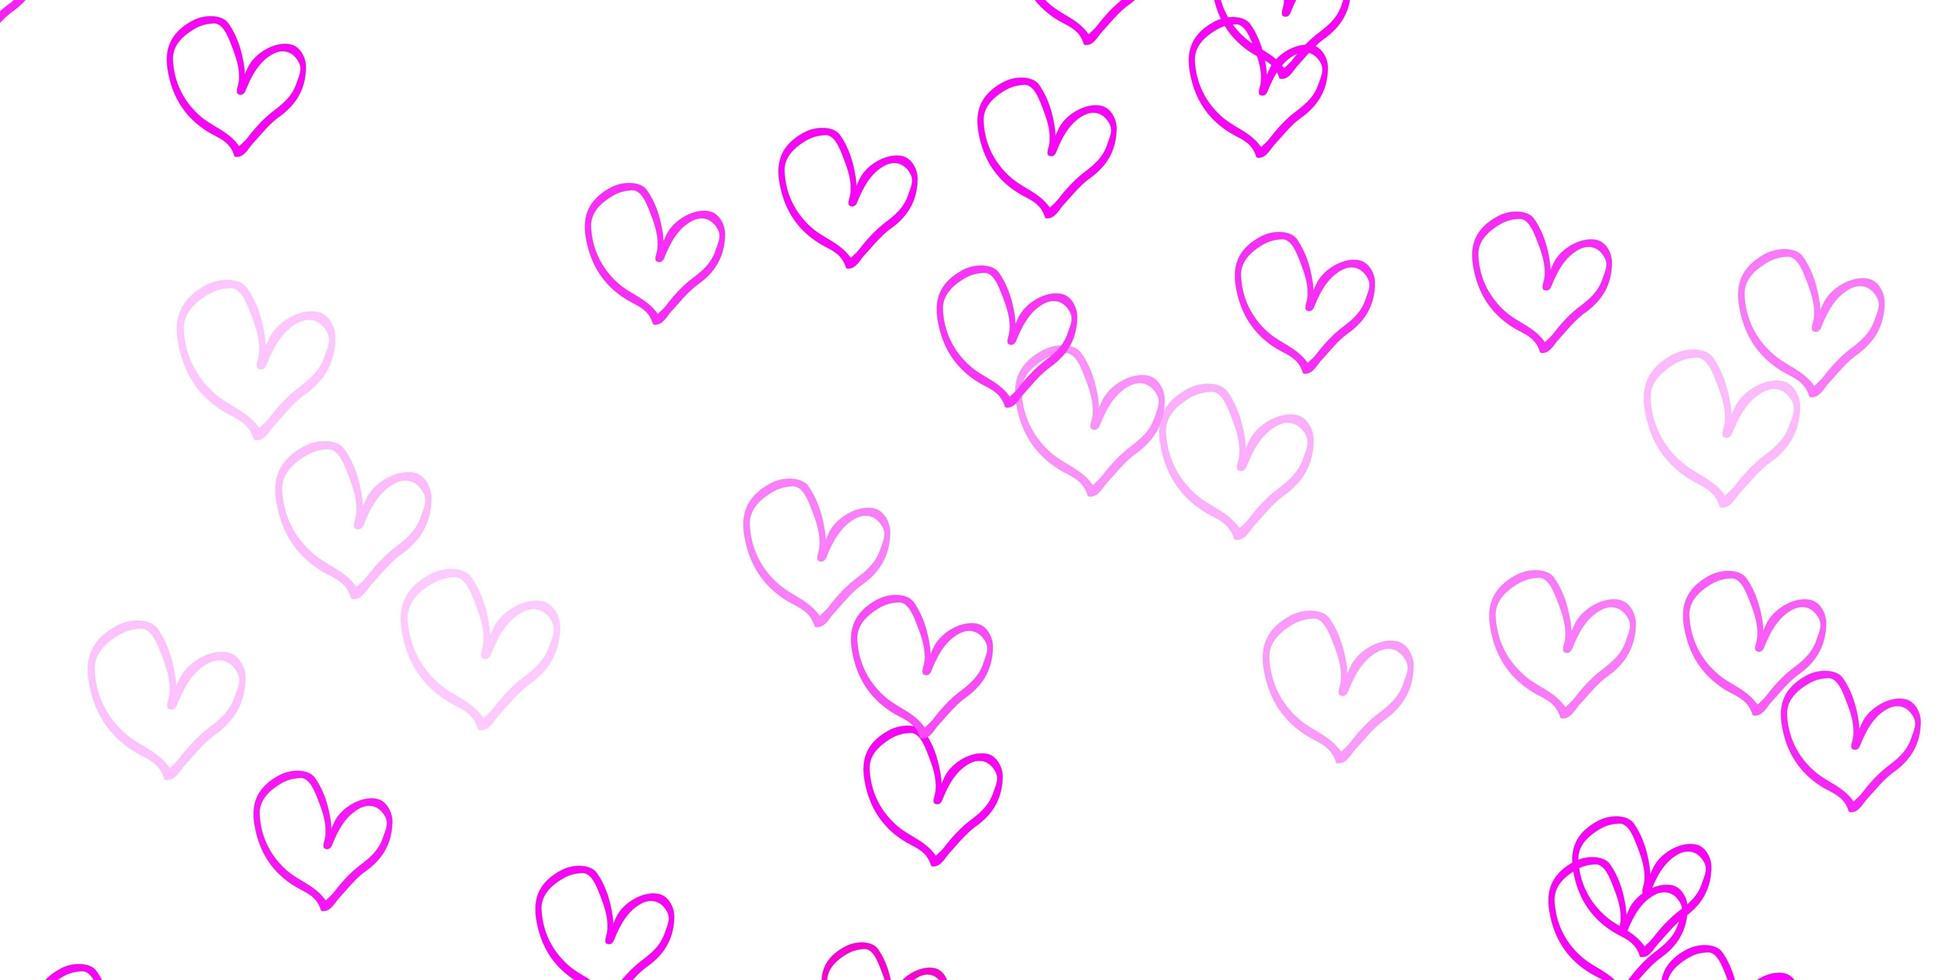 padrão de vetor rosa claro com corações coloridos.